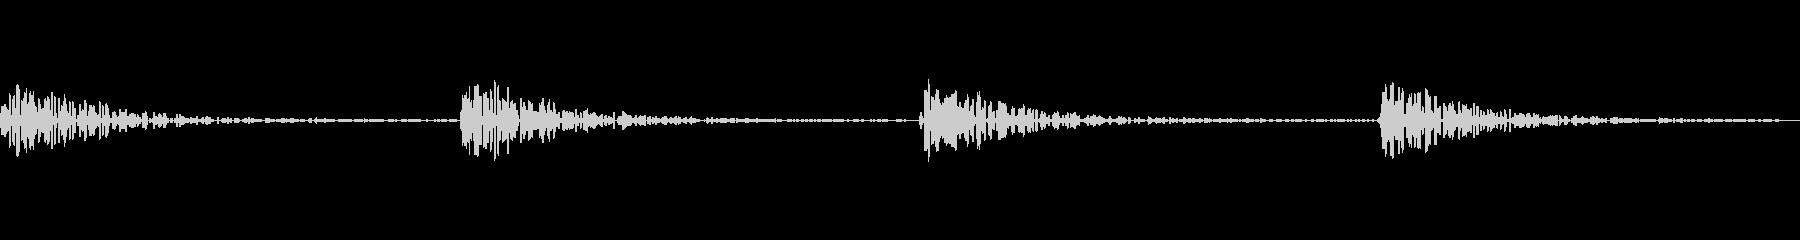 ファミコンの階段の音の未再生の波形